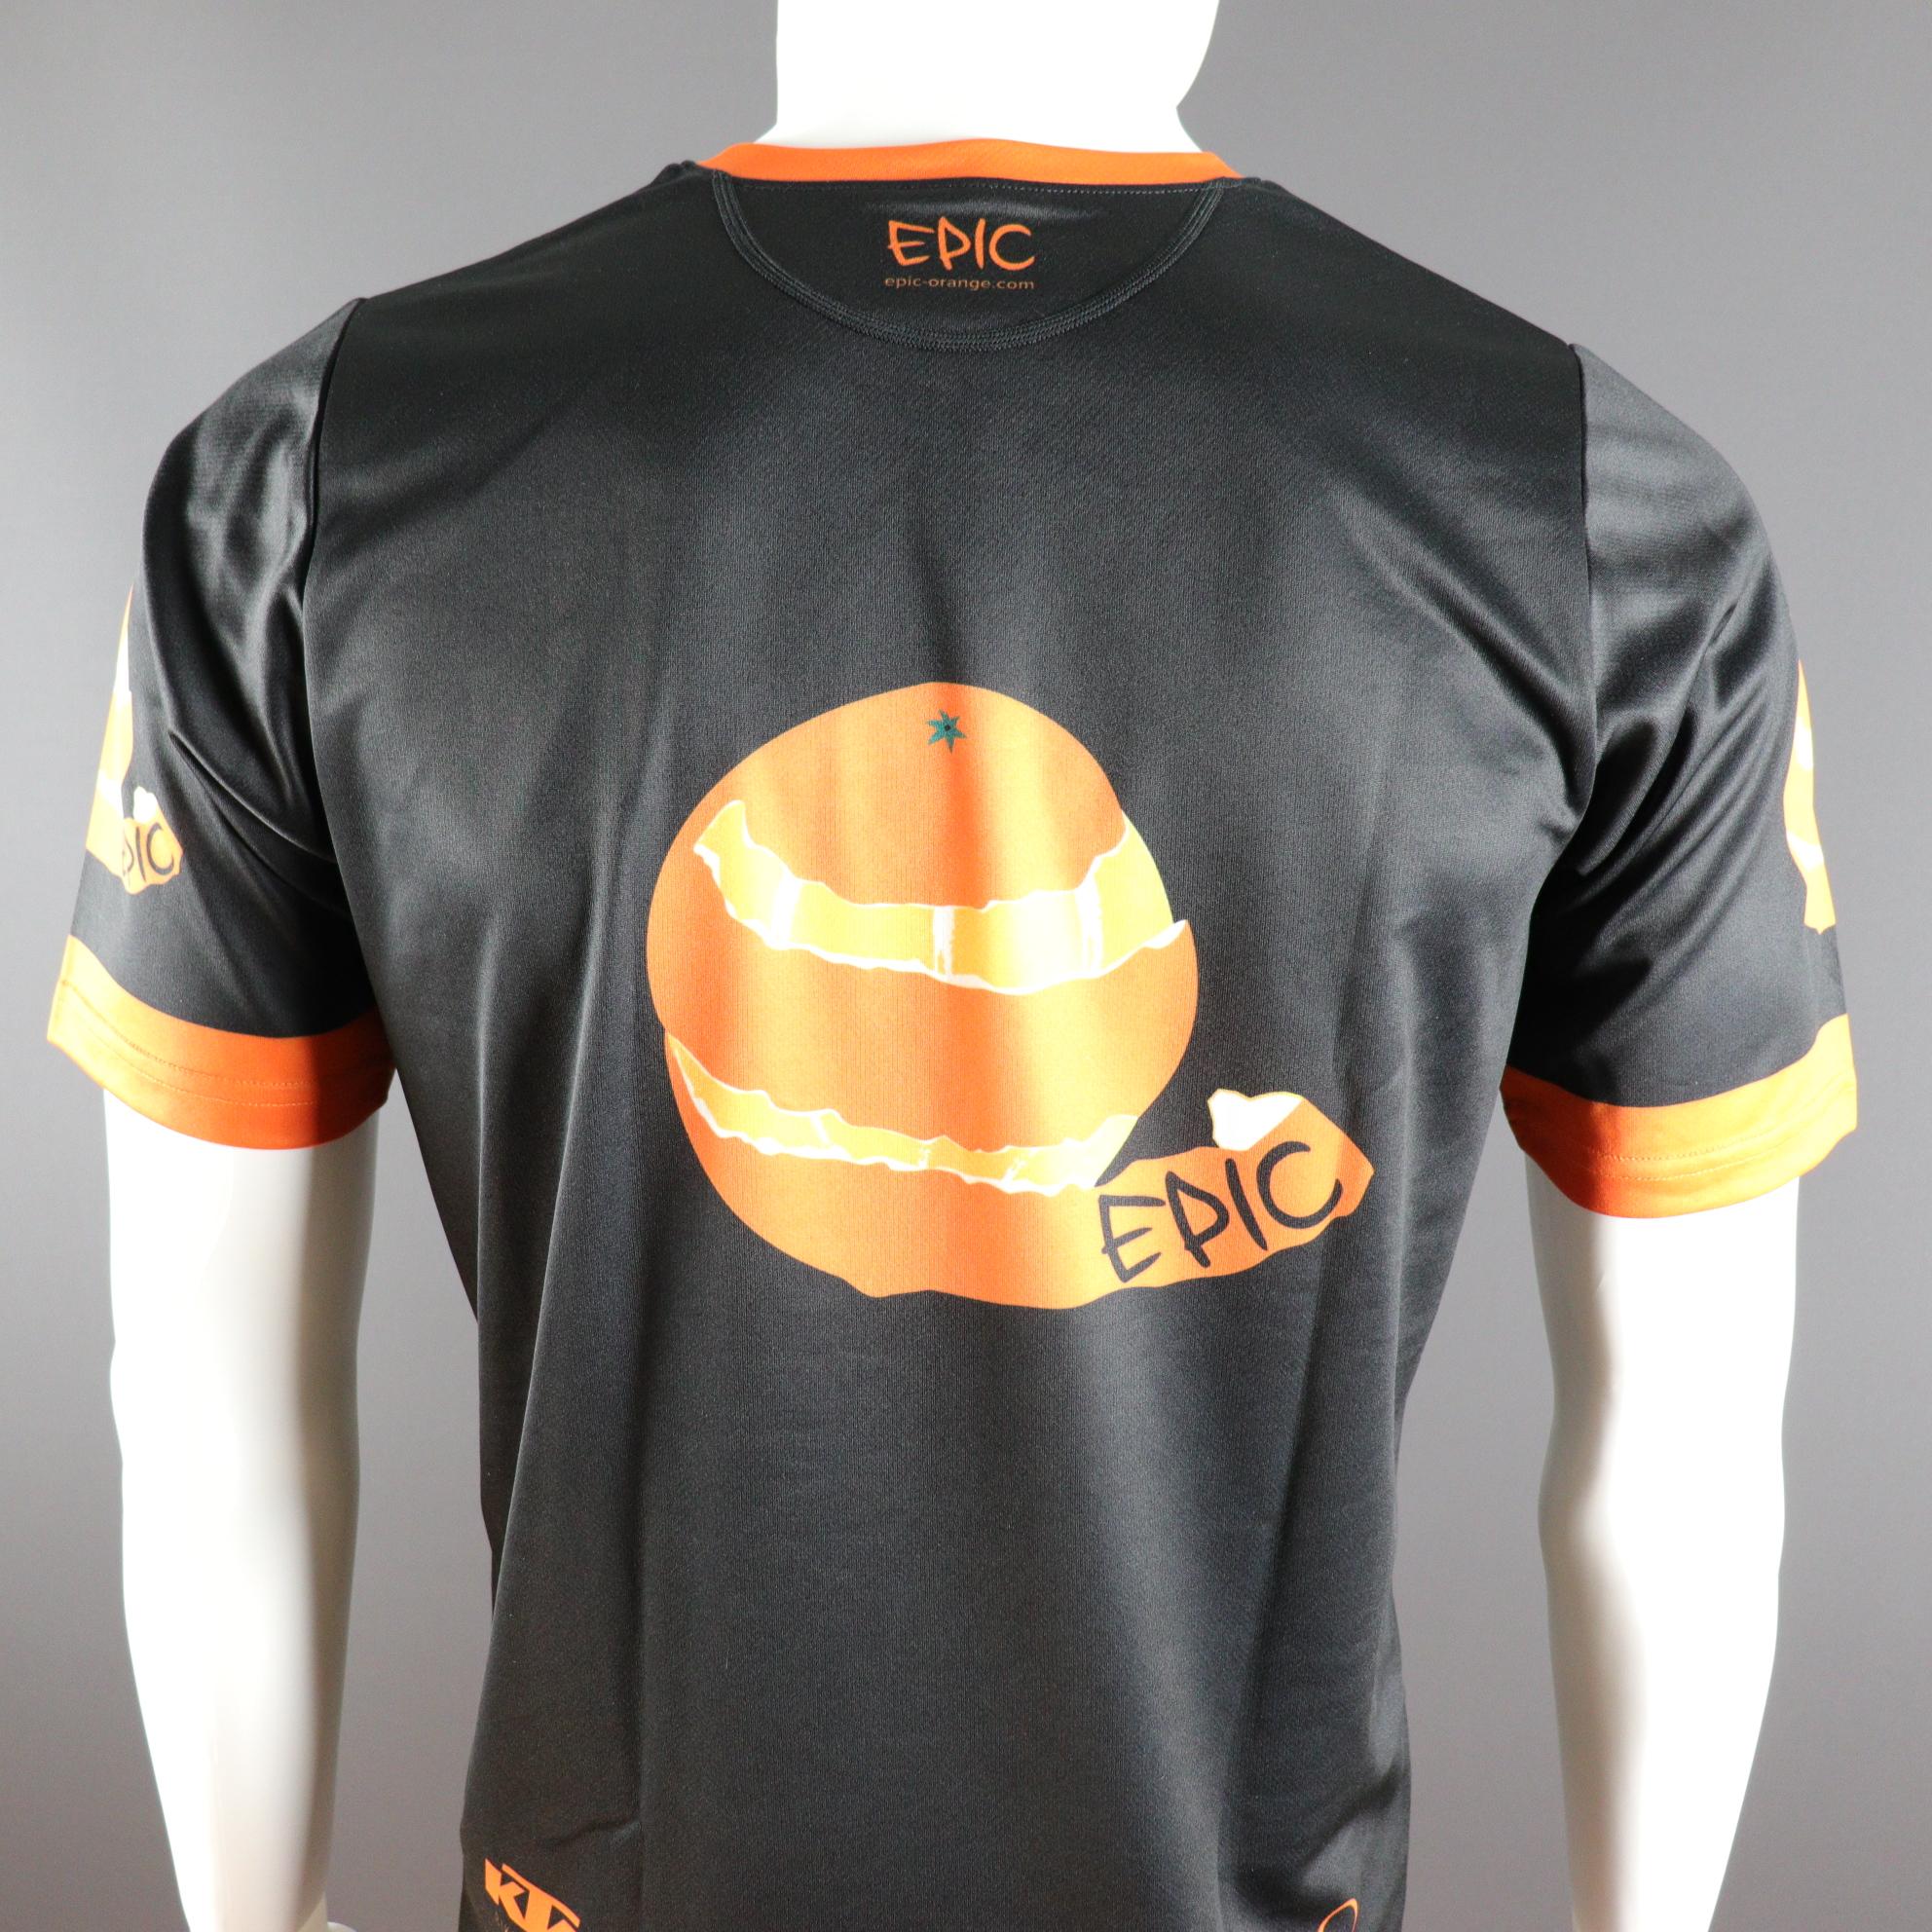 Custom Printed Running Tech T Shirts